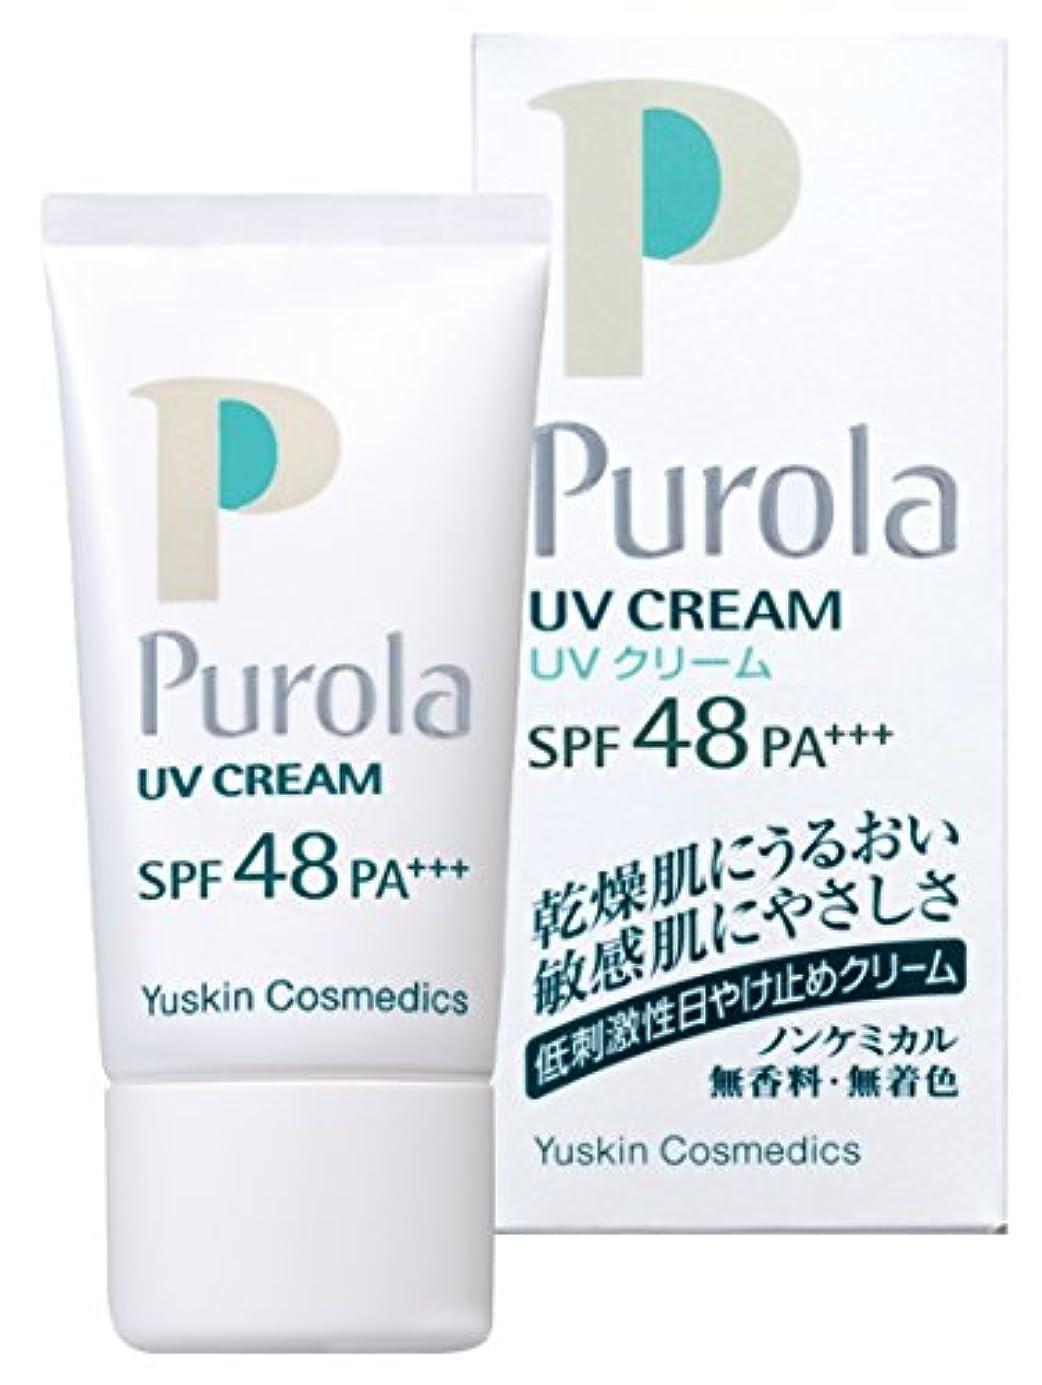 達成可能宣言するしわプローラ UVクリーム 30g SPF48 PA+++ (敏感肌用 日焼け止め)